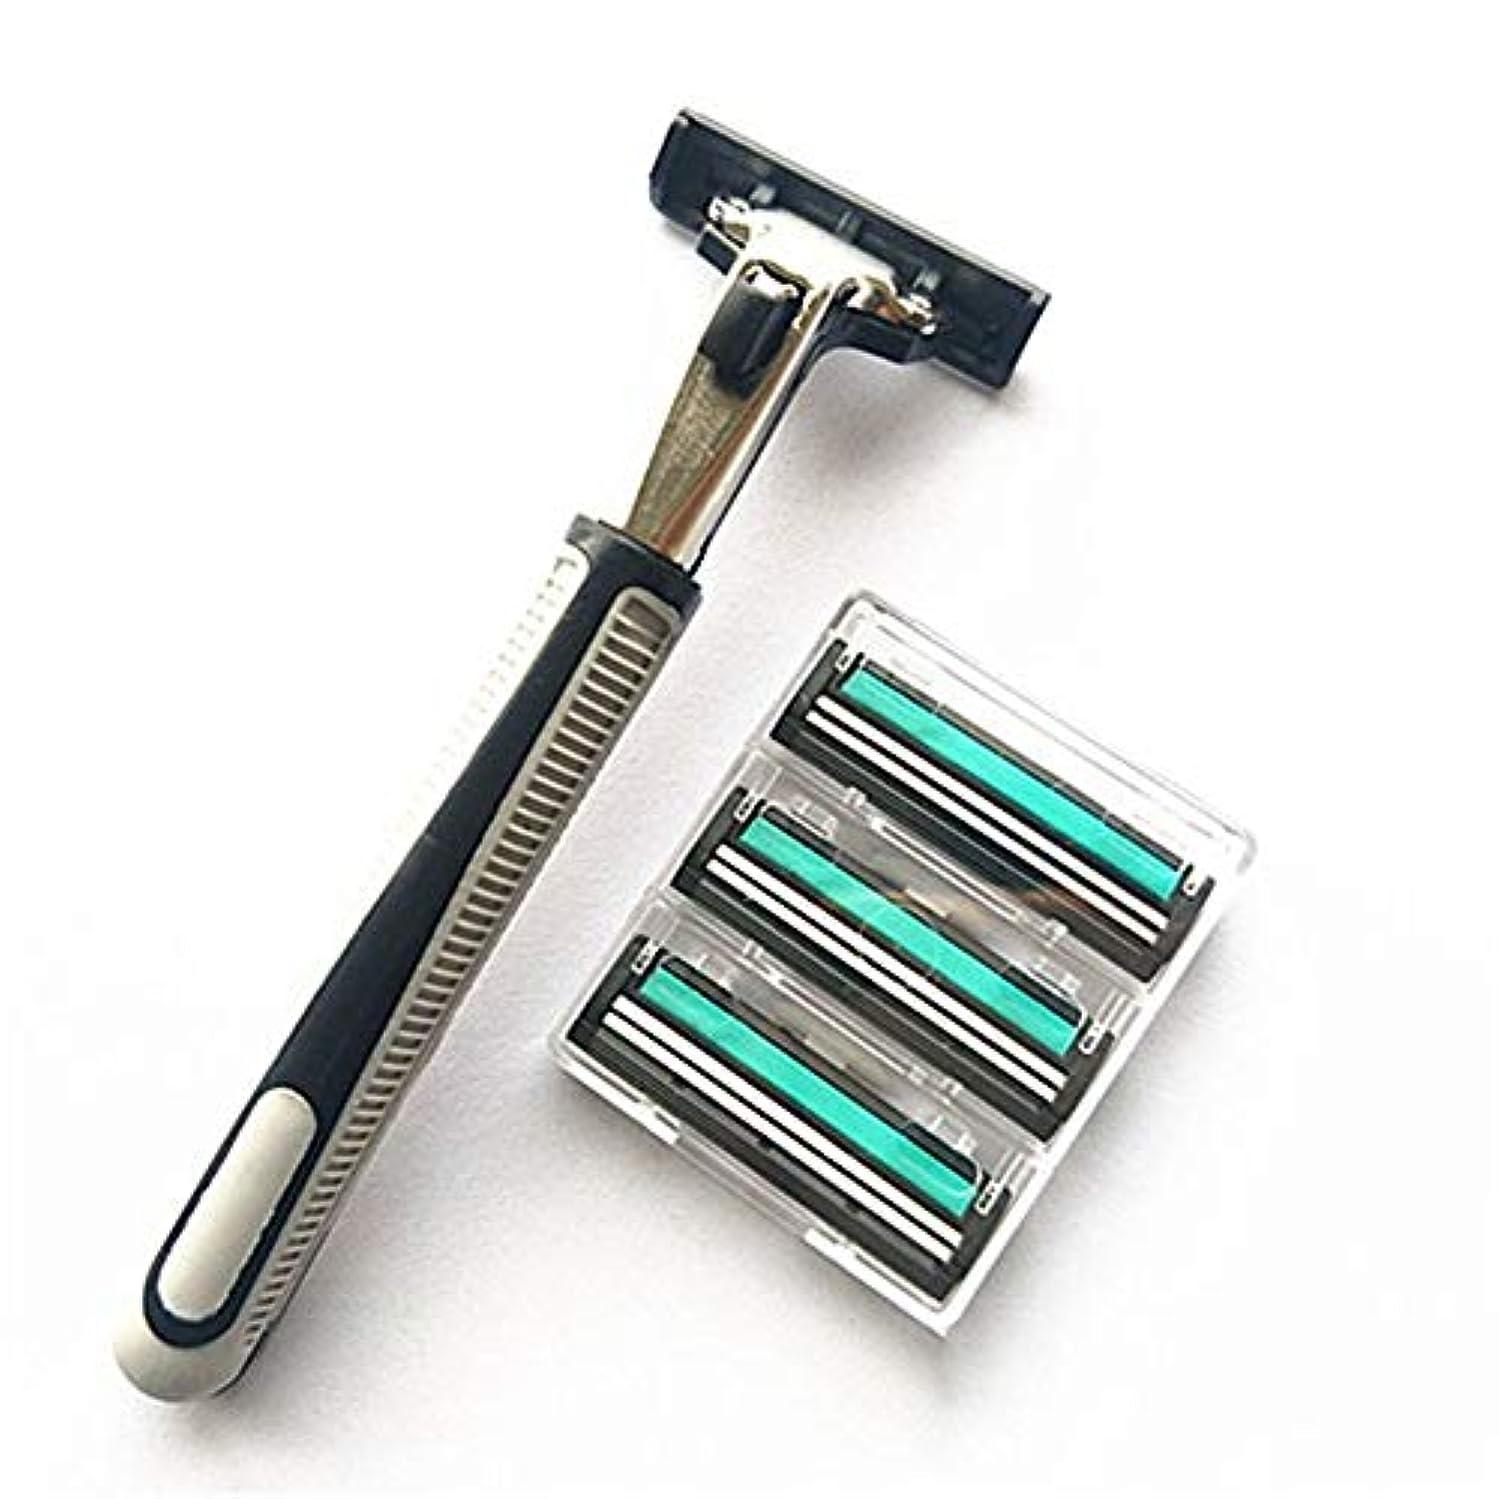 クリップ繁殖失業者aomashangmao 新しい輸入ステンレス鋼ダブルかみそりの刃、12男性のかみそりの刃と1ピースマニュアルメンズストレートかみそり